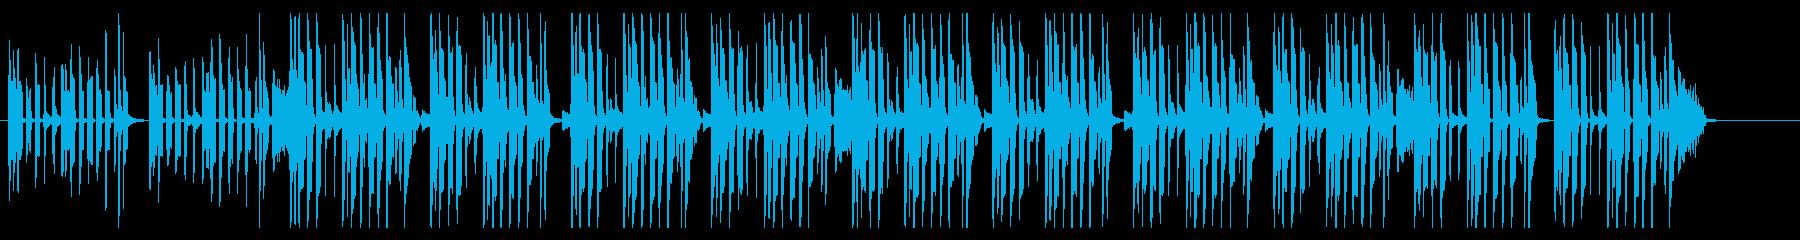 ほのぼの、のんびり、日常、リコーダーの再生済みの波形